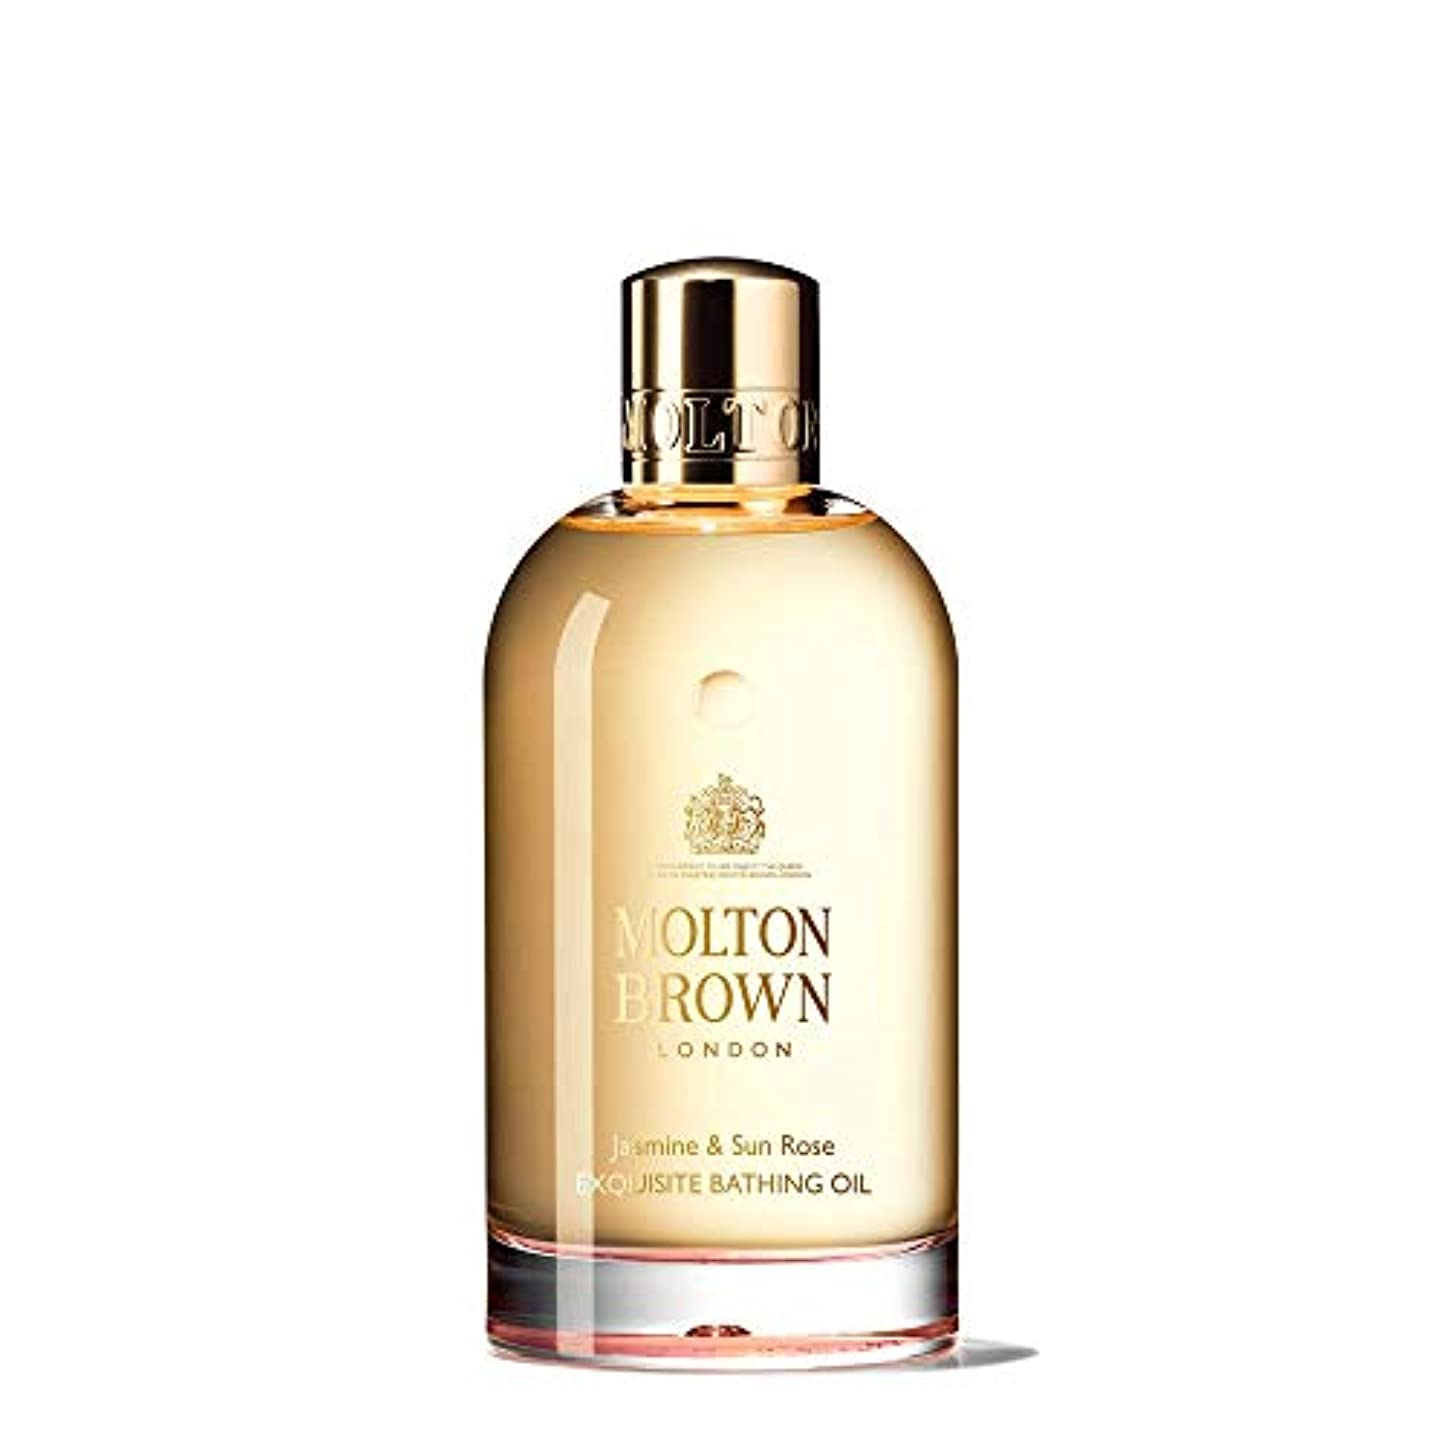 後継葉っぱ揃えるMOLTON BROWN(モルトンブラウン) ジャスミン&サンローズ コレクション J&SR ベージングオイル